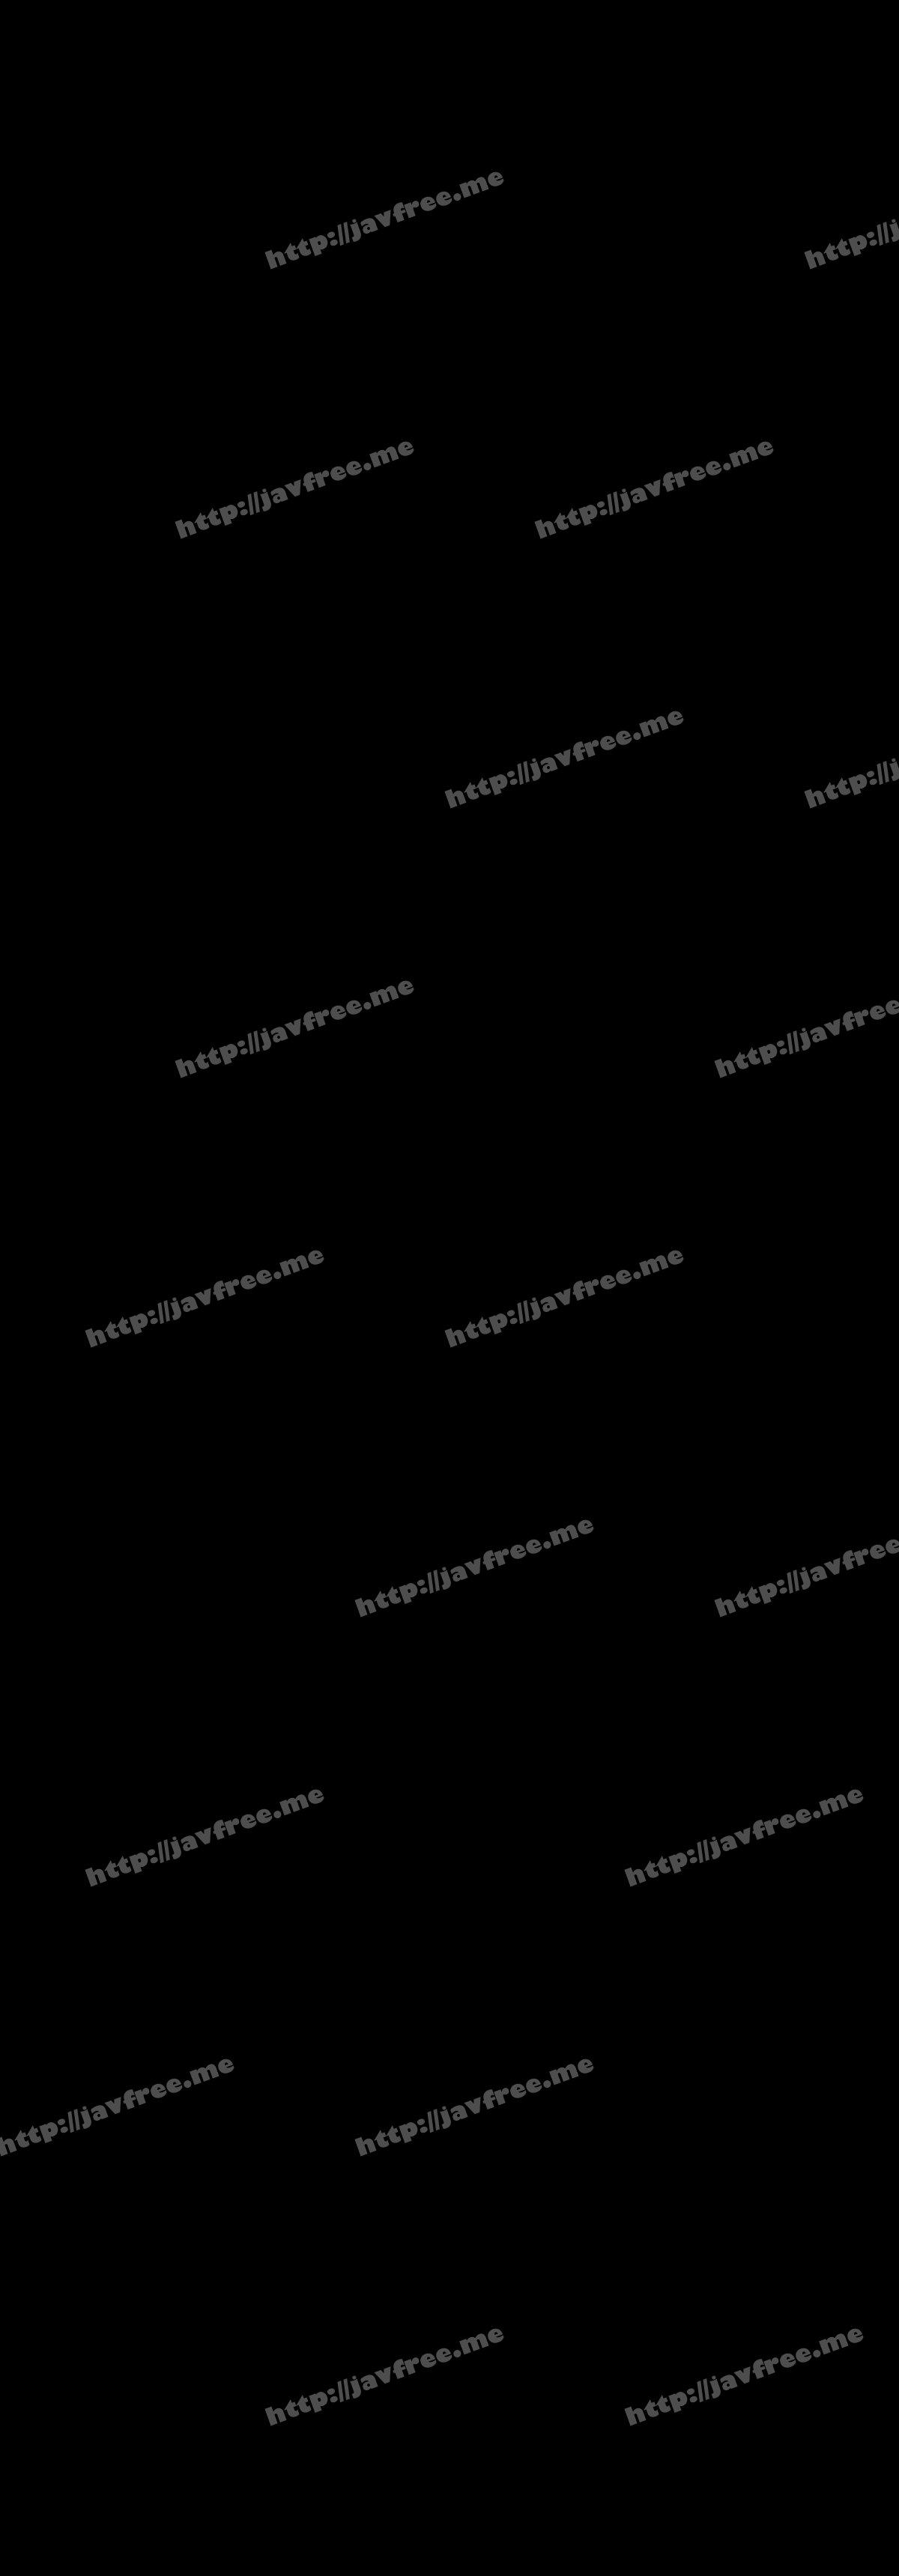 [HD][STARS-433] あの日、私は社長と秘書以上の関係になりました・・・。最初の離婚後、エロ社長に拾われてオフィス内で周りにバレながらも性処理まですることに - image STARS-433-1080p on https://javfree.me